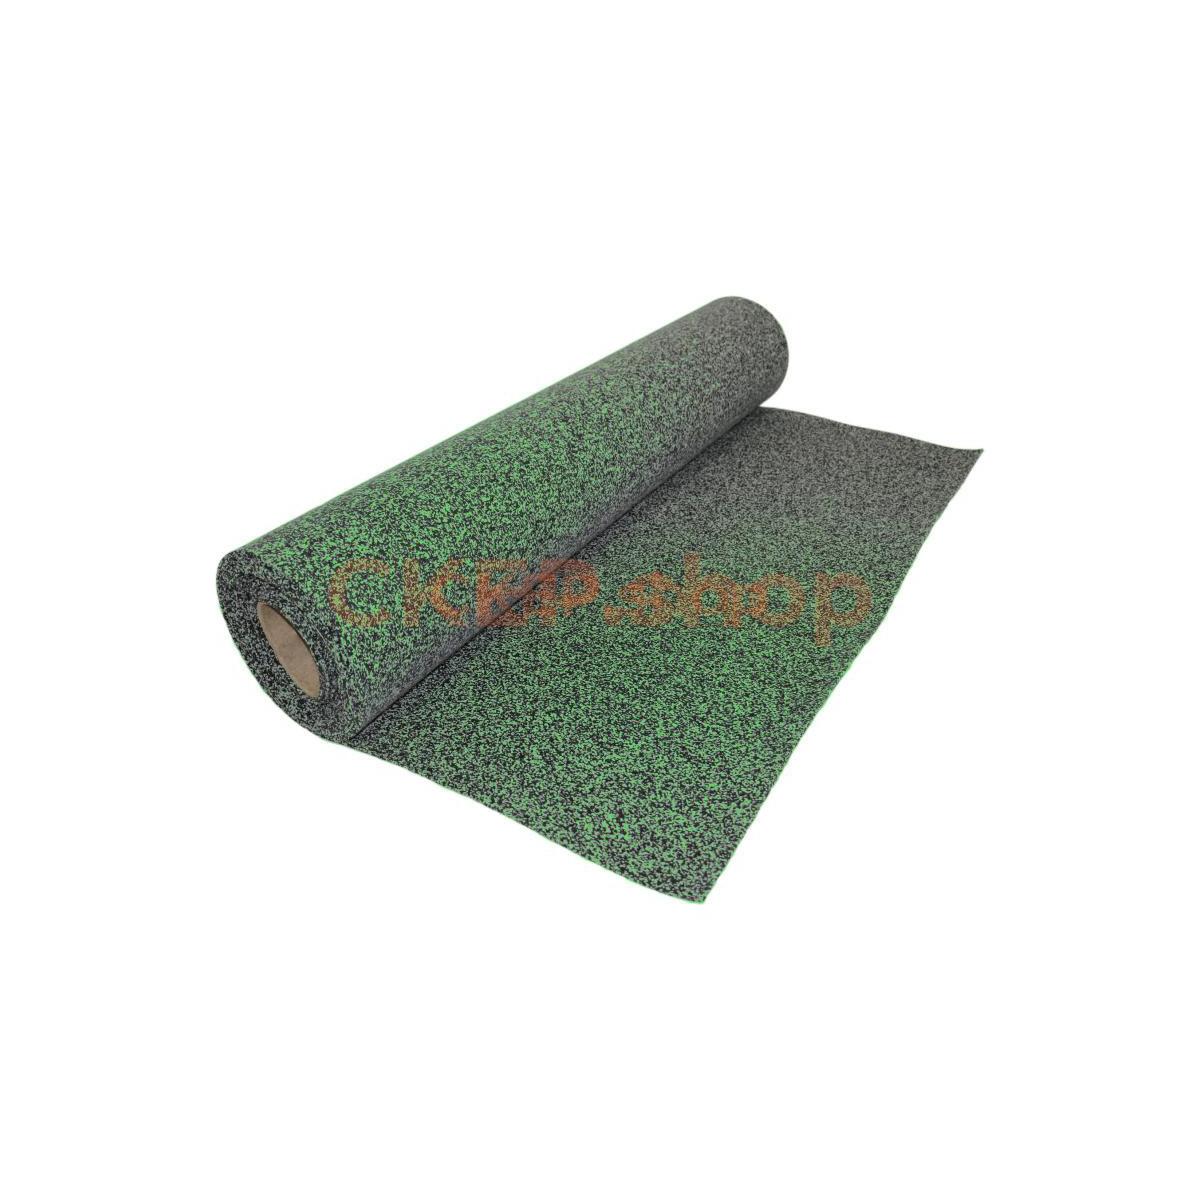 Покрытие из резиновой крошки рулонное EPDM 50%, 4 мм, зеленый